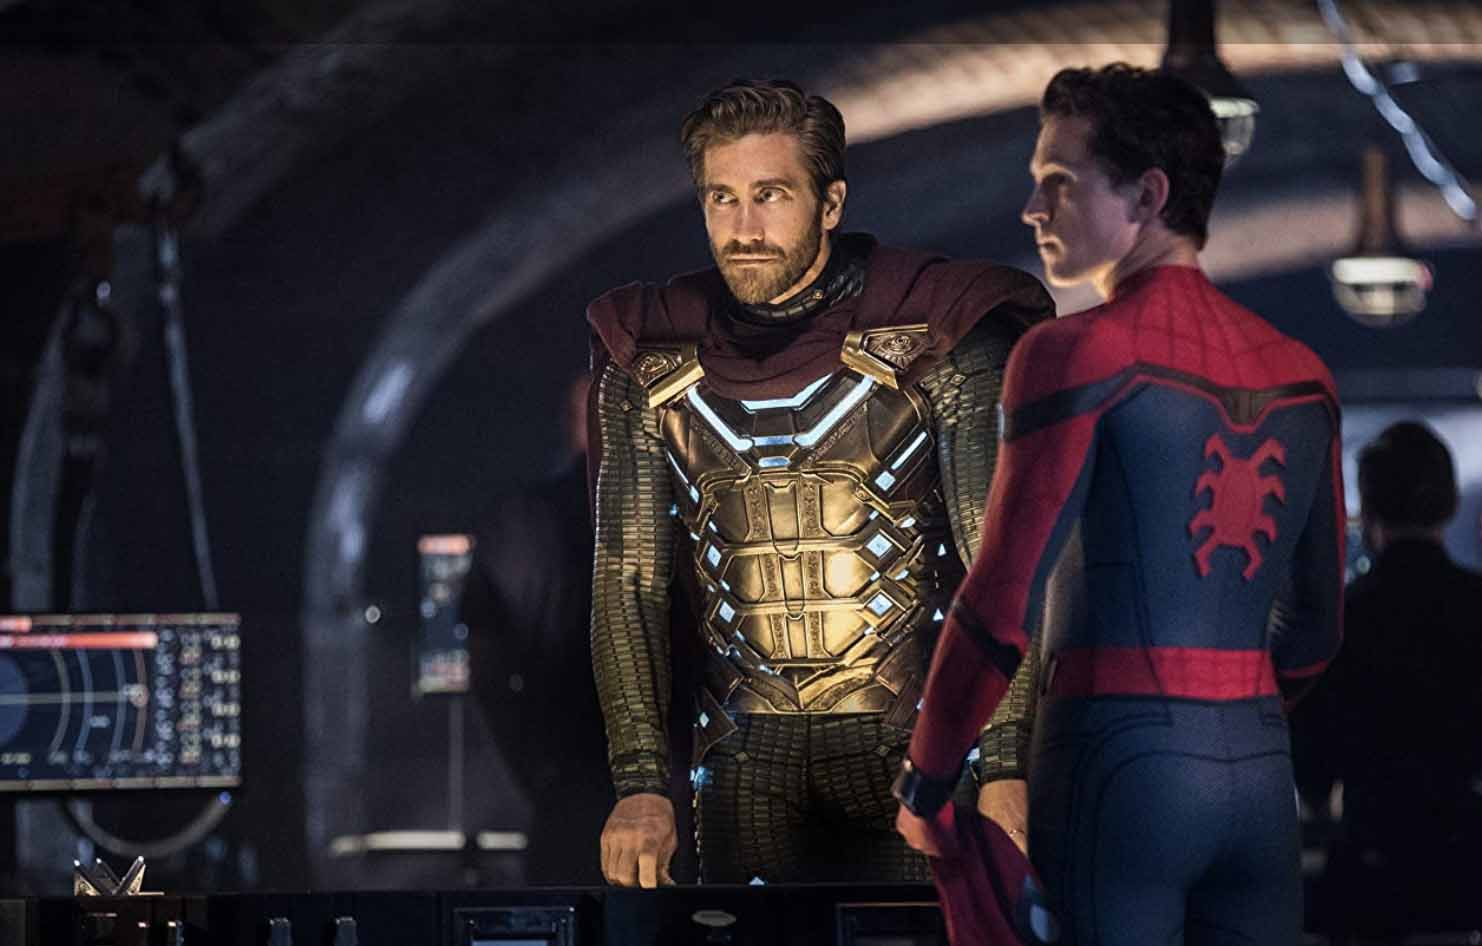 找不到解答!網整理出《蜘蛛人:離家日》的7大謎團 其實「神秘法師」並沒有消失?